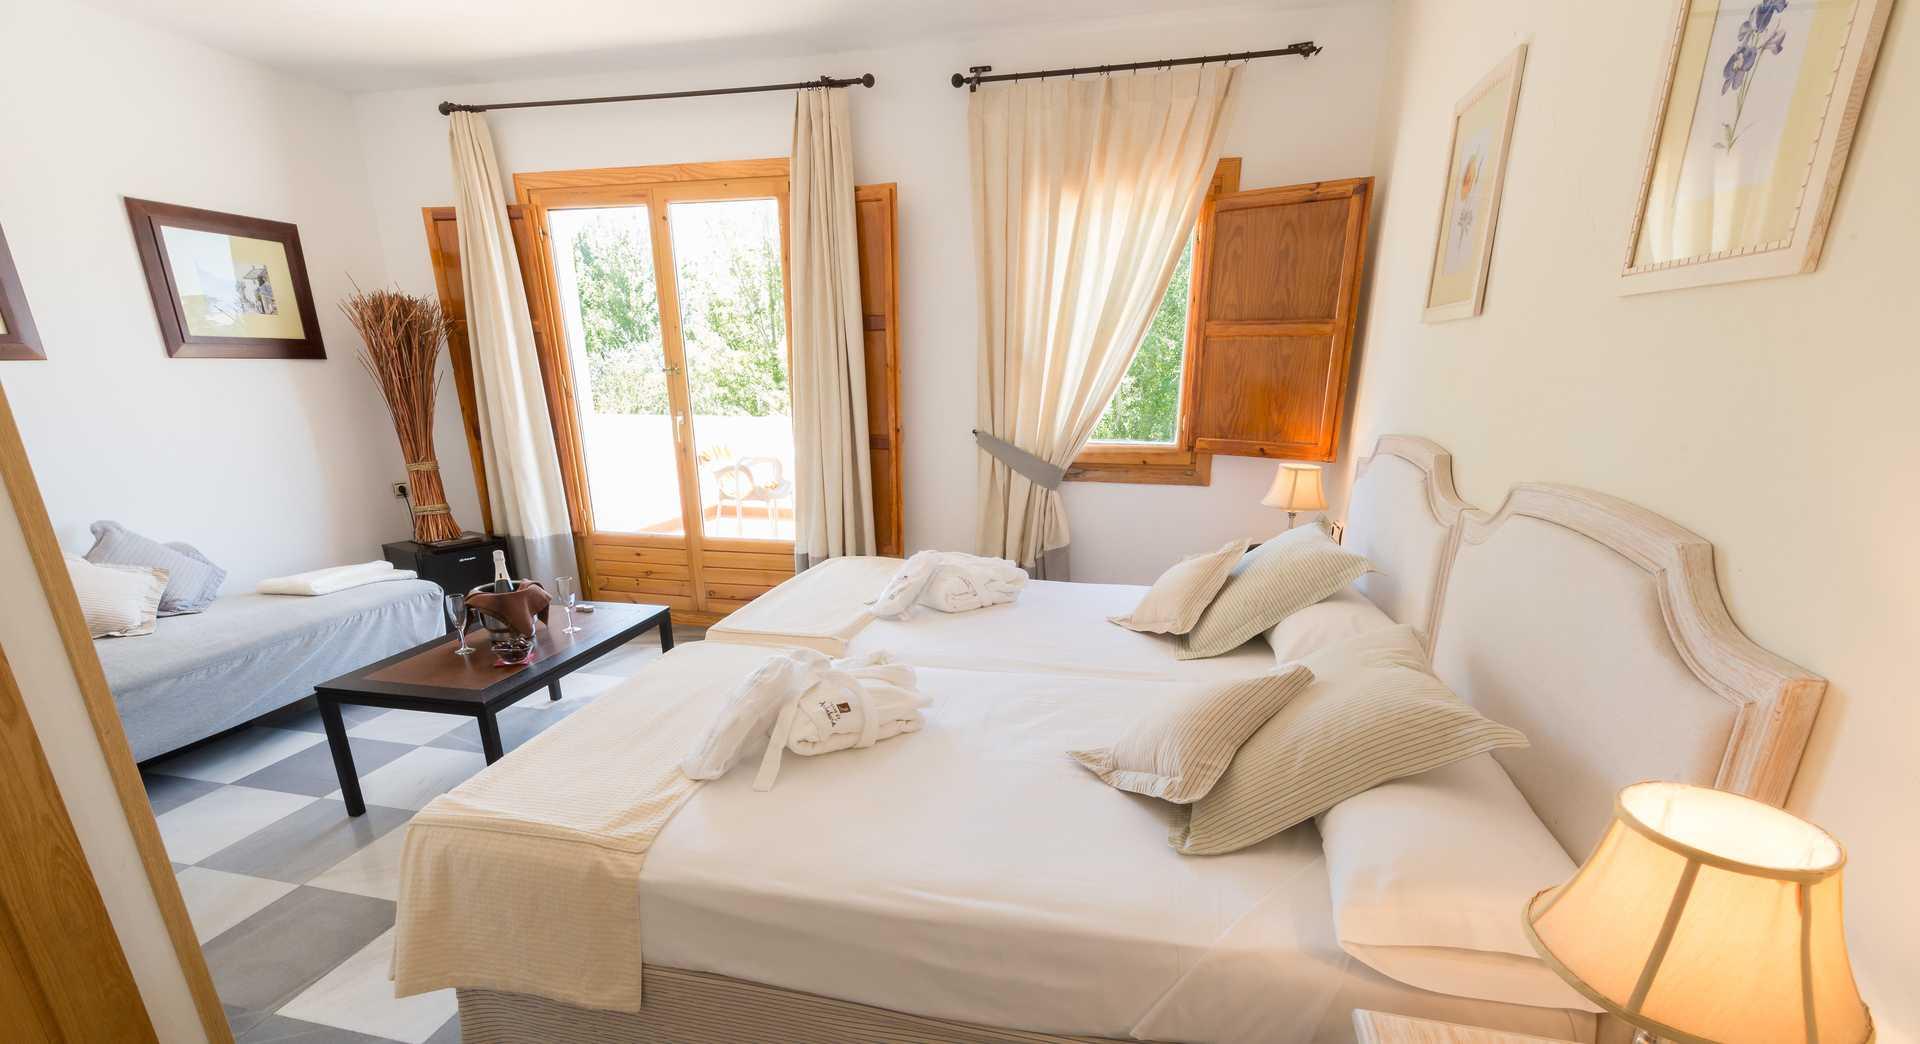 Diciembre en La Alpujarra almeriense en la Villa Turística de Laujar de Andarax